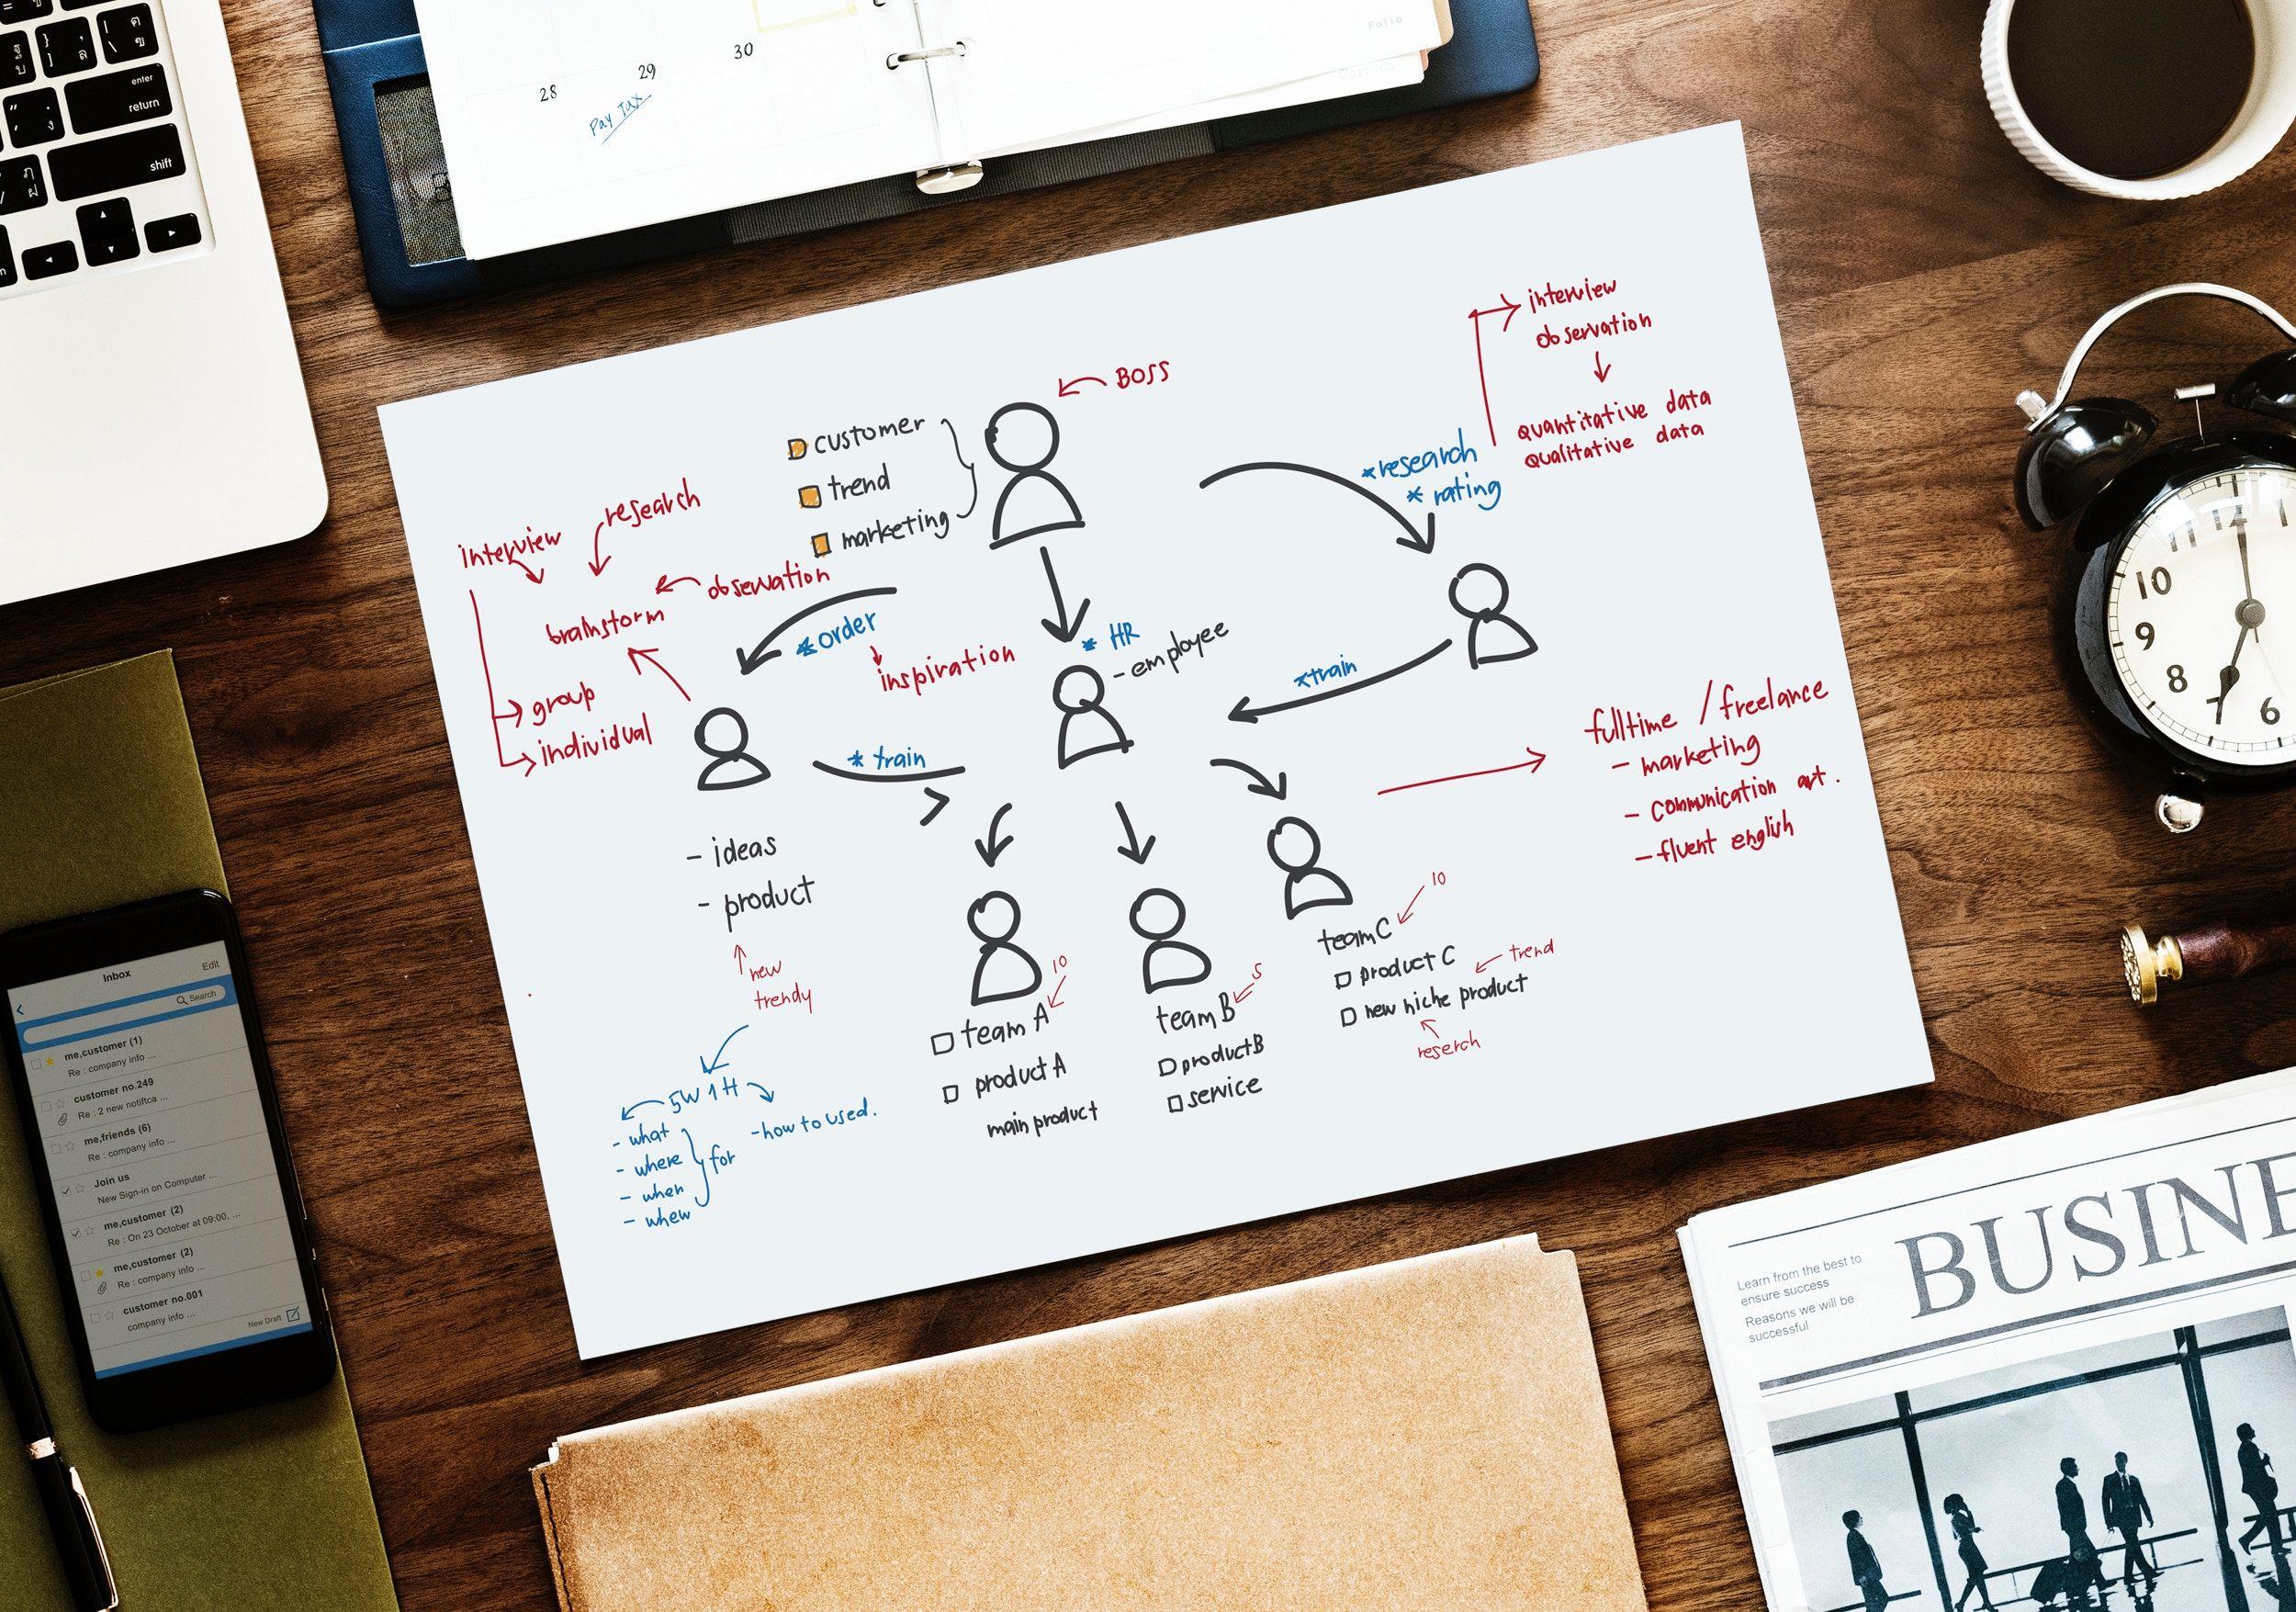 Las apps son negocios: Los 12 modelos de negocio de aplicaciones